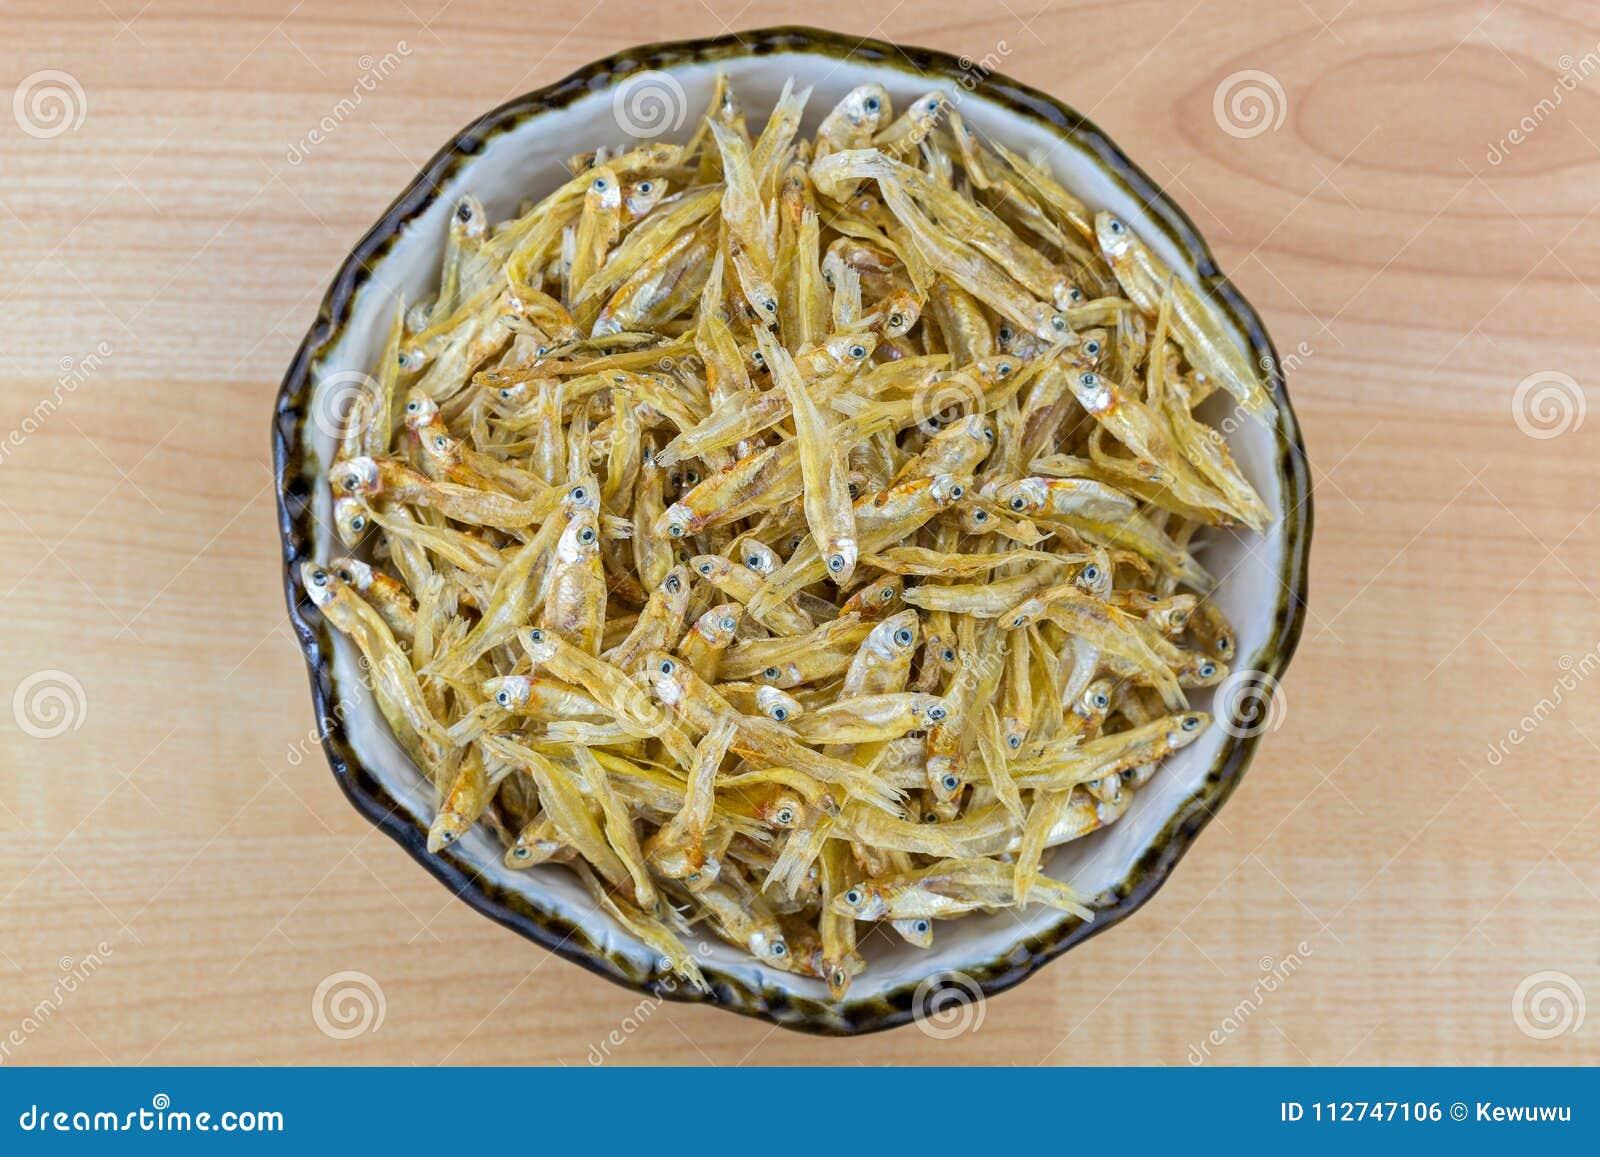 Torkad ansjovis i keramisk bunke Liten fisk för ansjovisar, bästa sikt